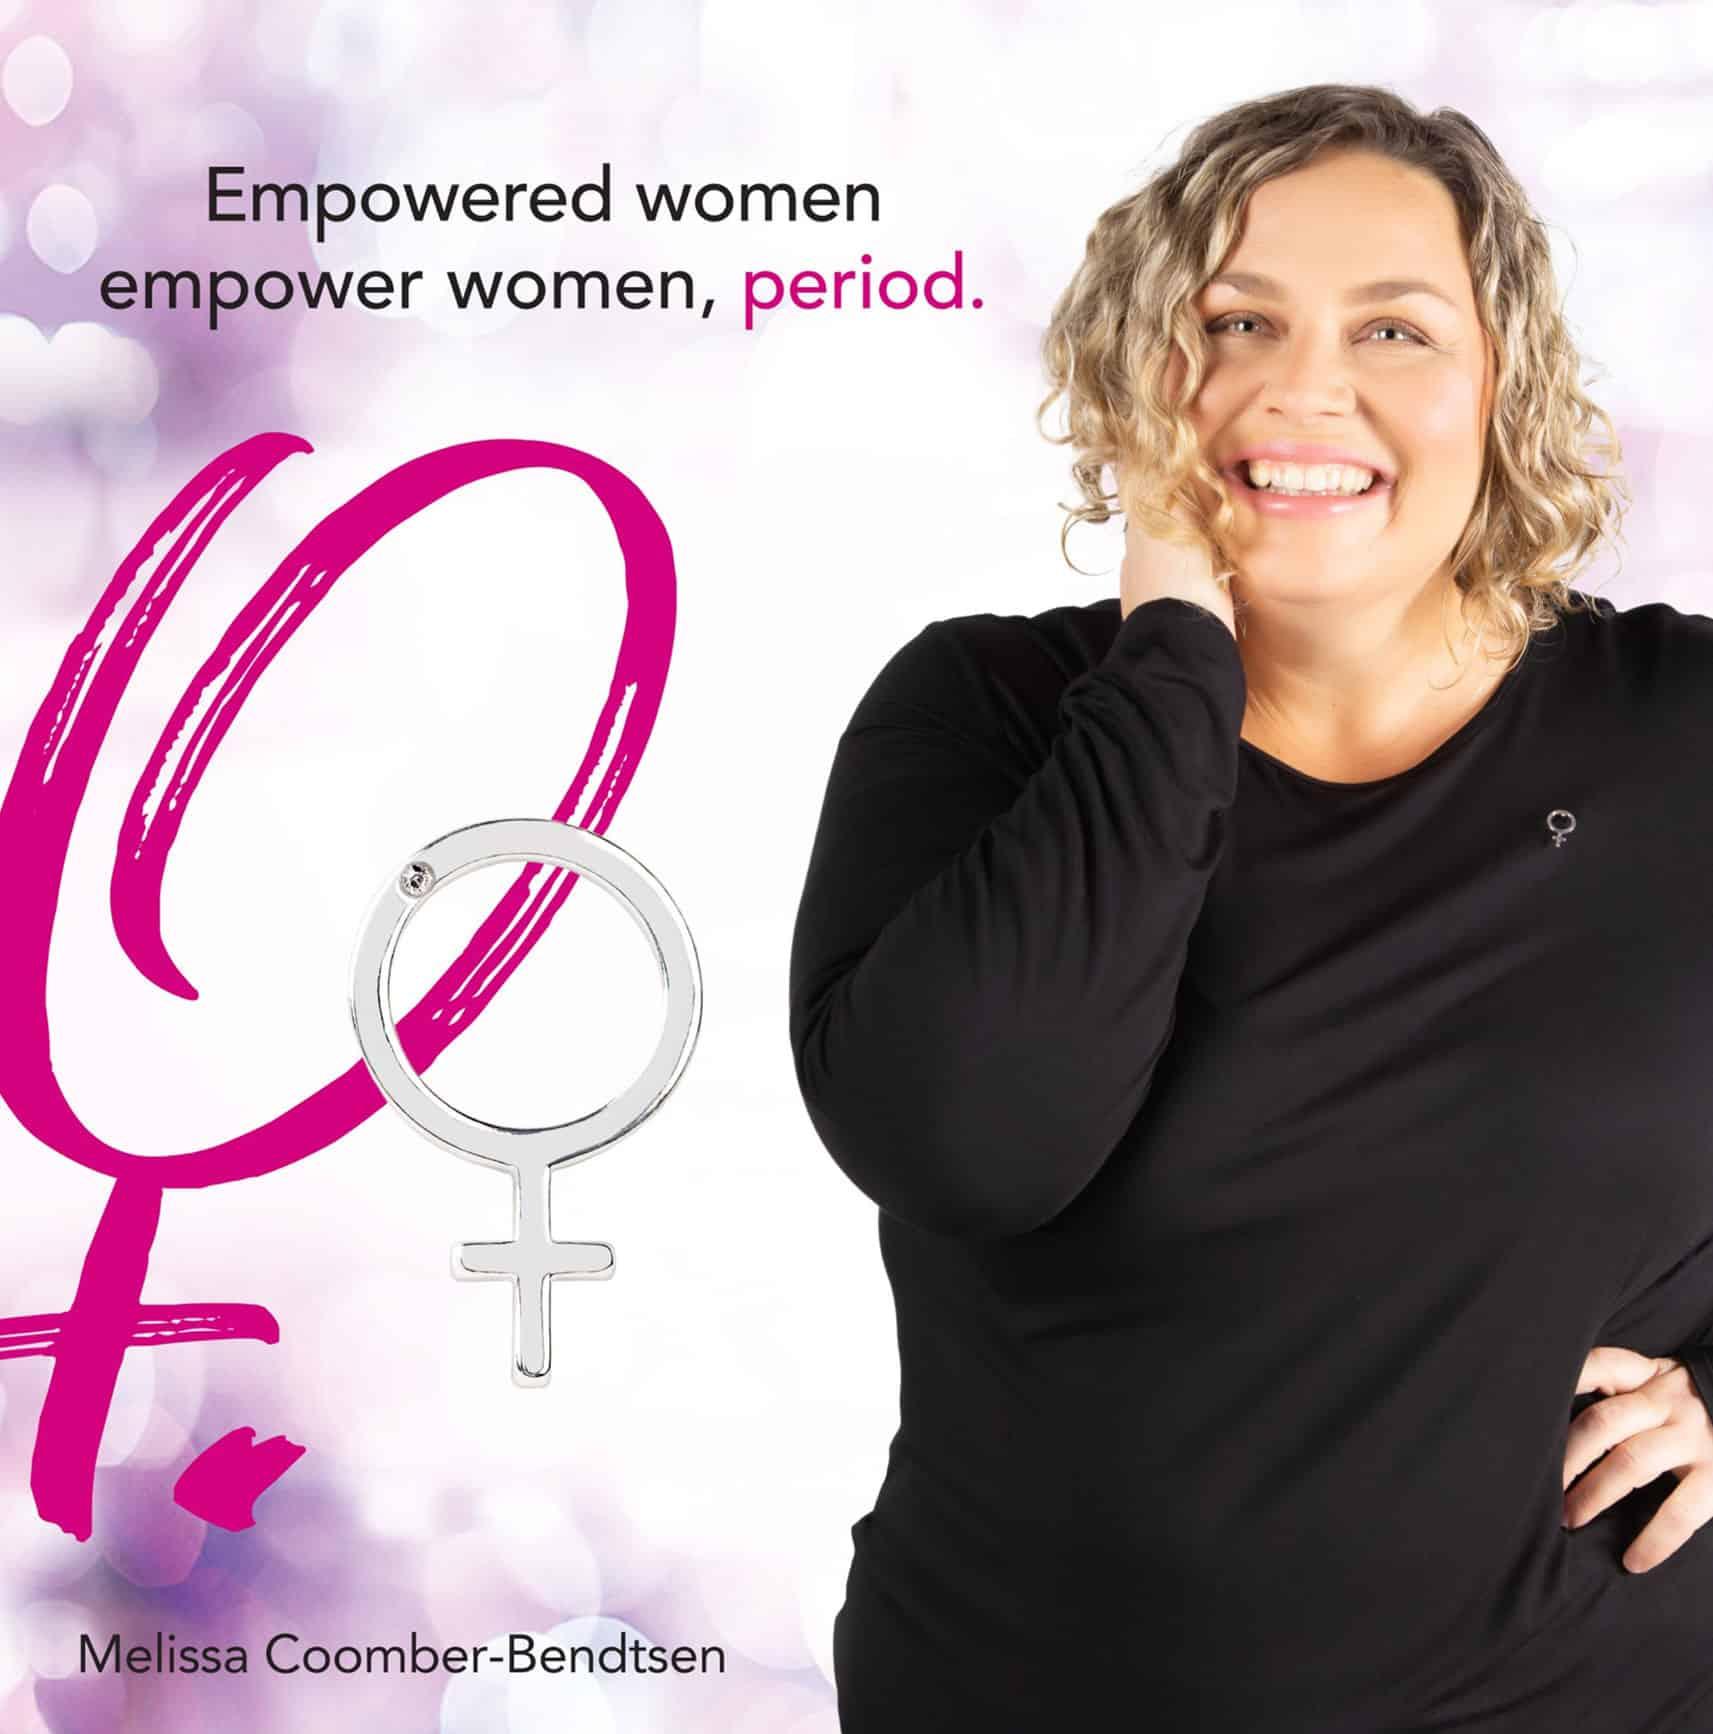 Hillberg & Berk - Empowered Women 1 - Melissa Coomber-Bendtsen